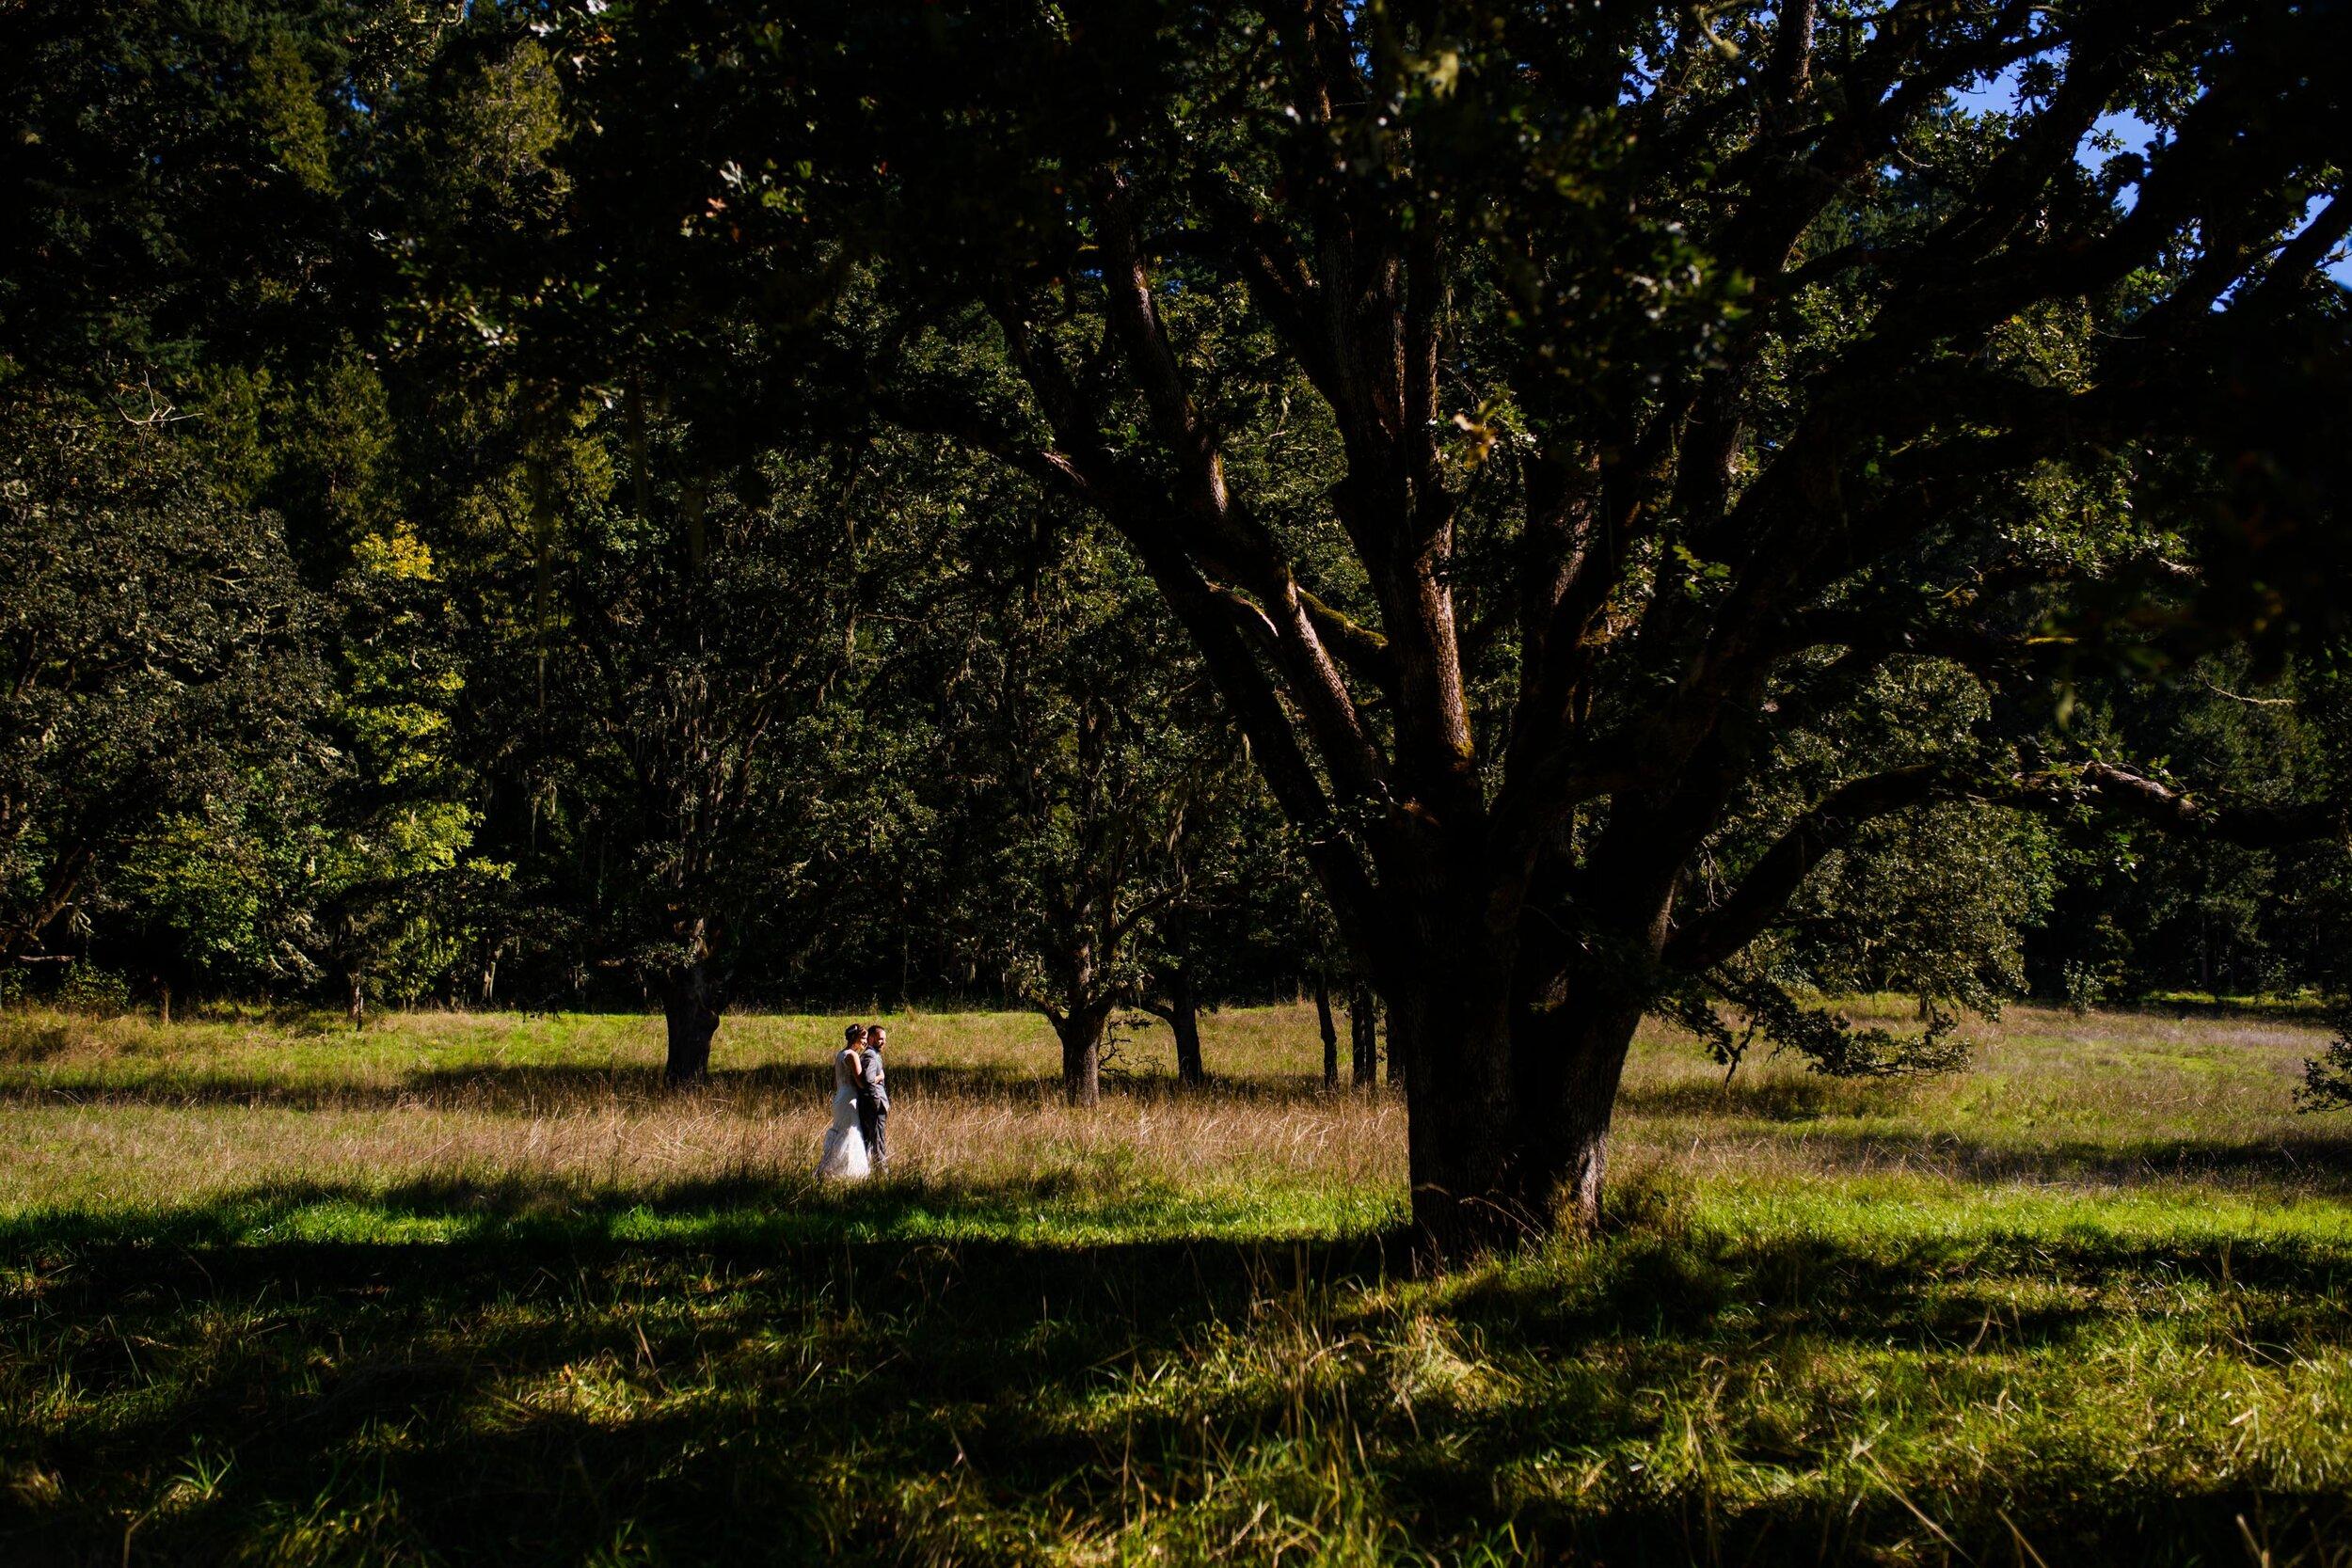 Mt. Pisgah Arboretum wedding photos 51.JPG